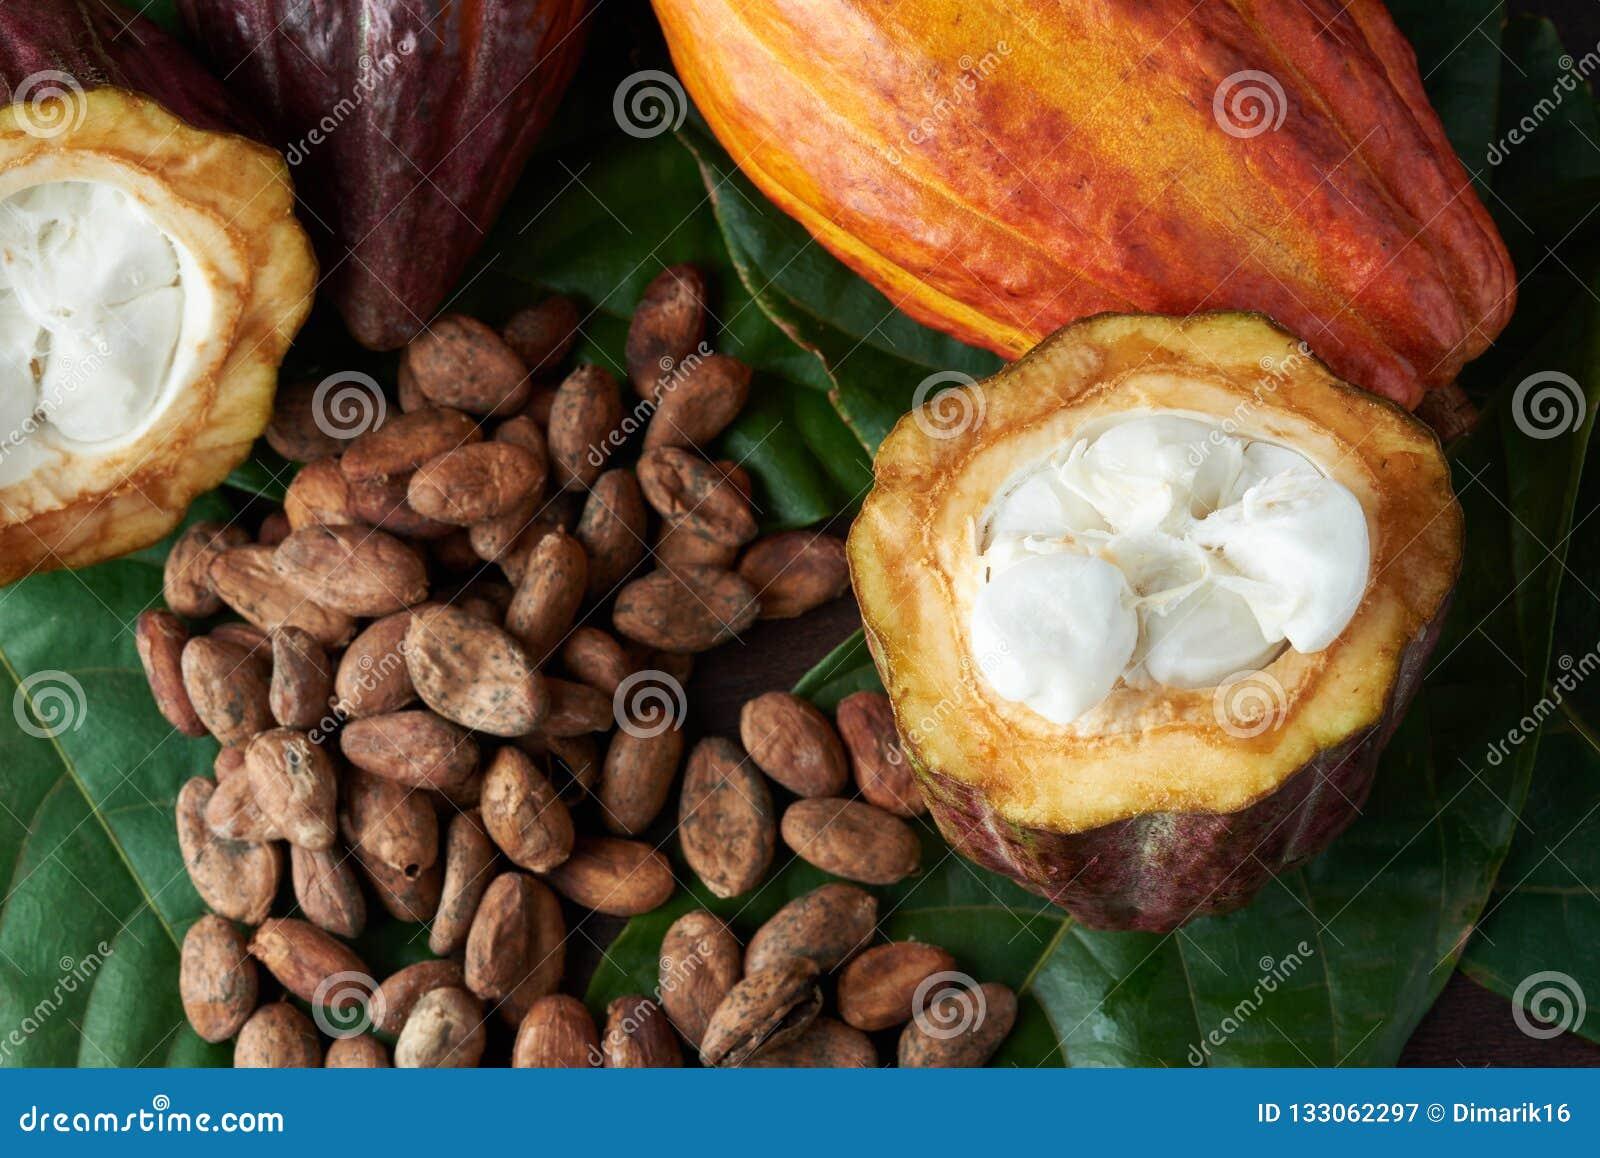 Cacao plant close-up